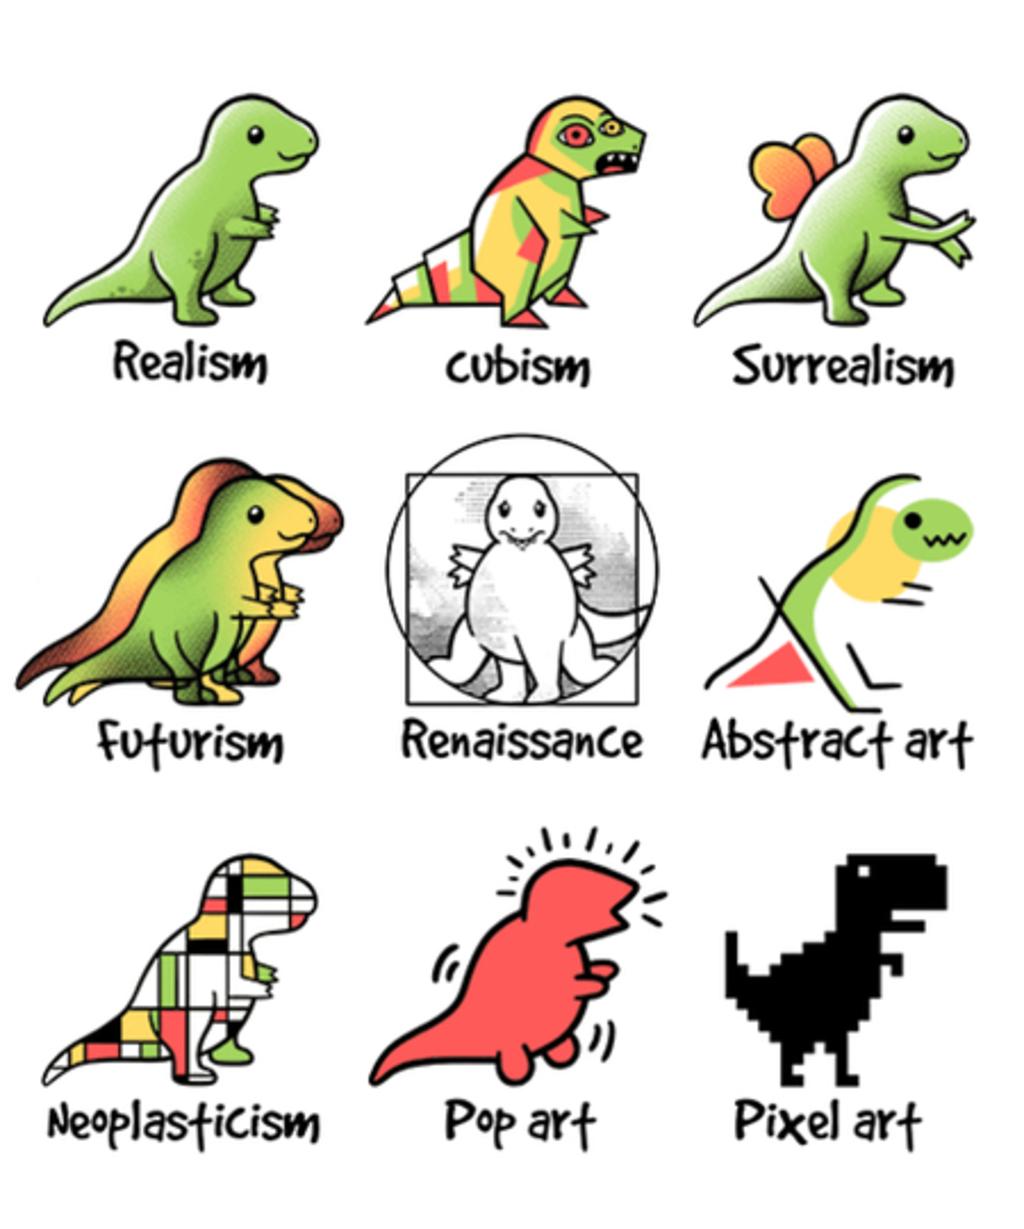 Qwertee: T-rex art